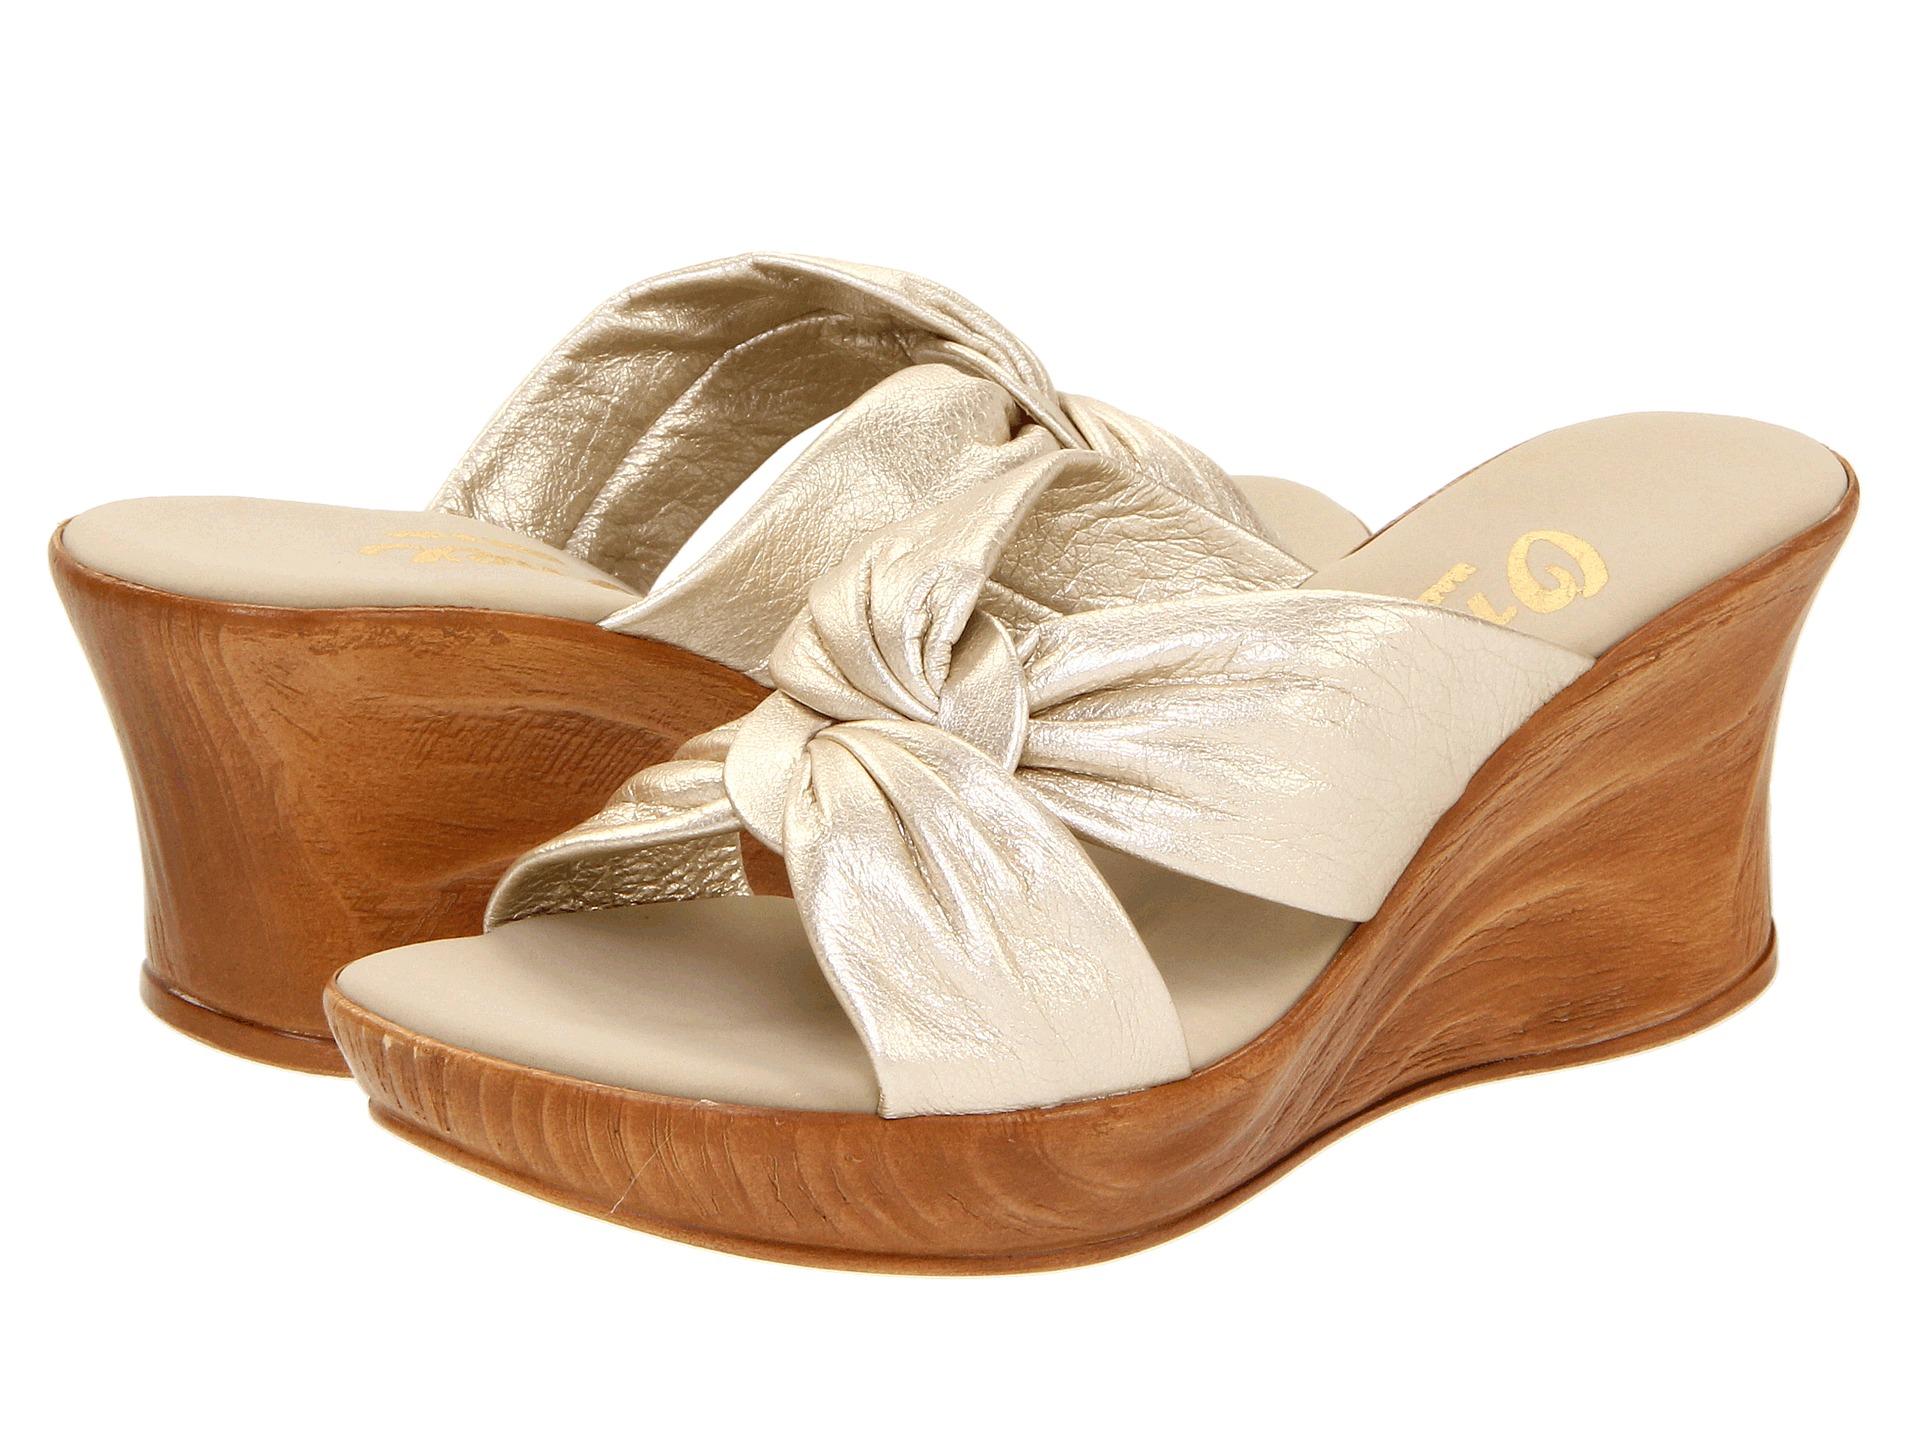 Aerosole Sandals Zappos Onex Sandals